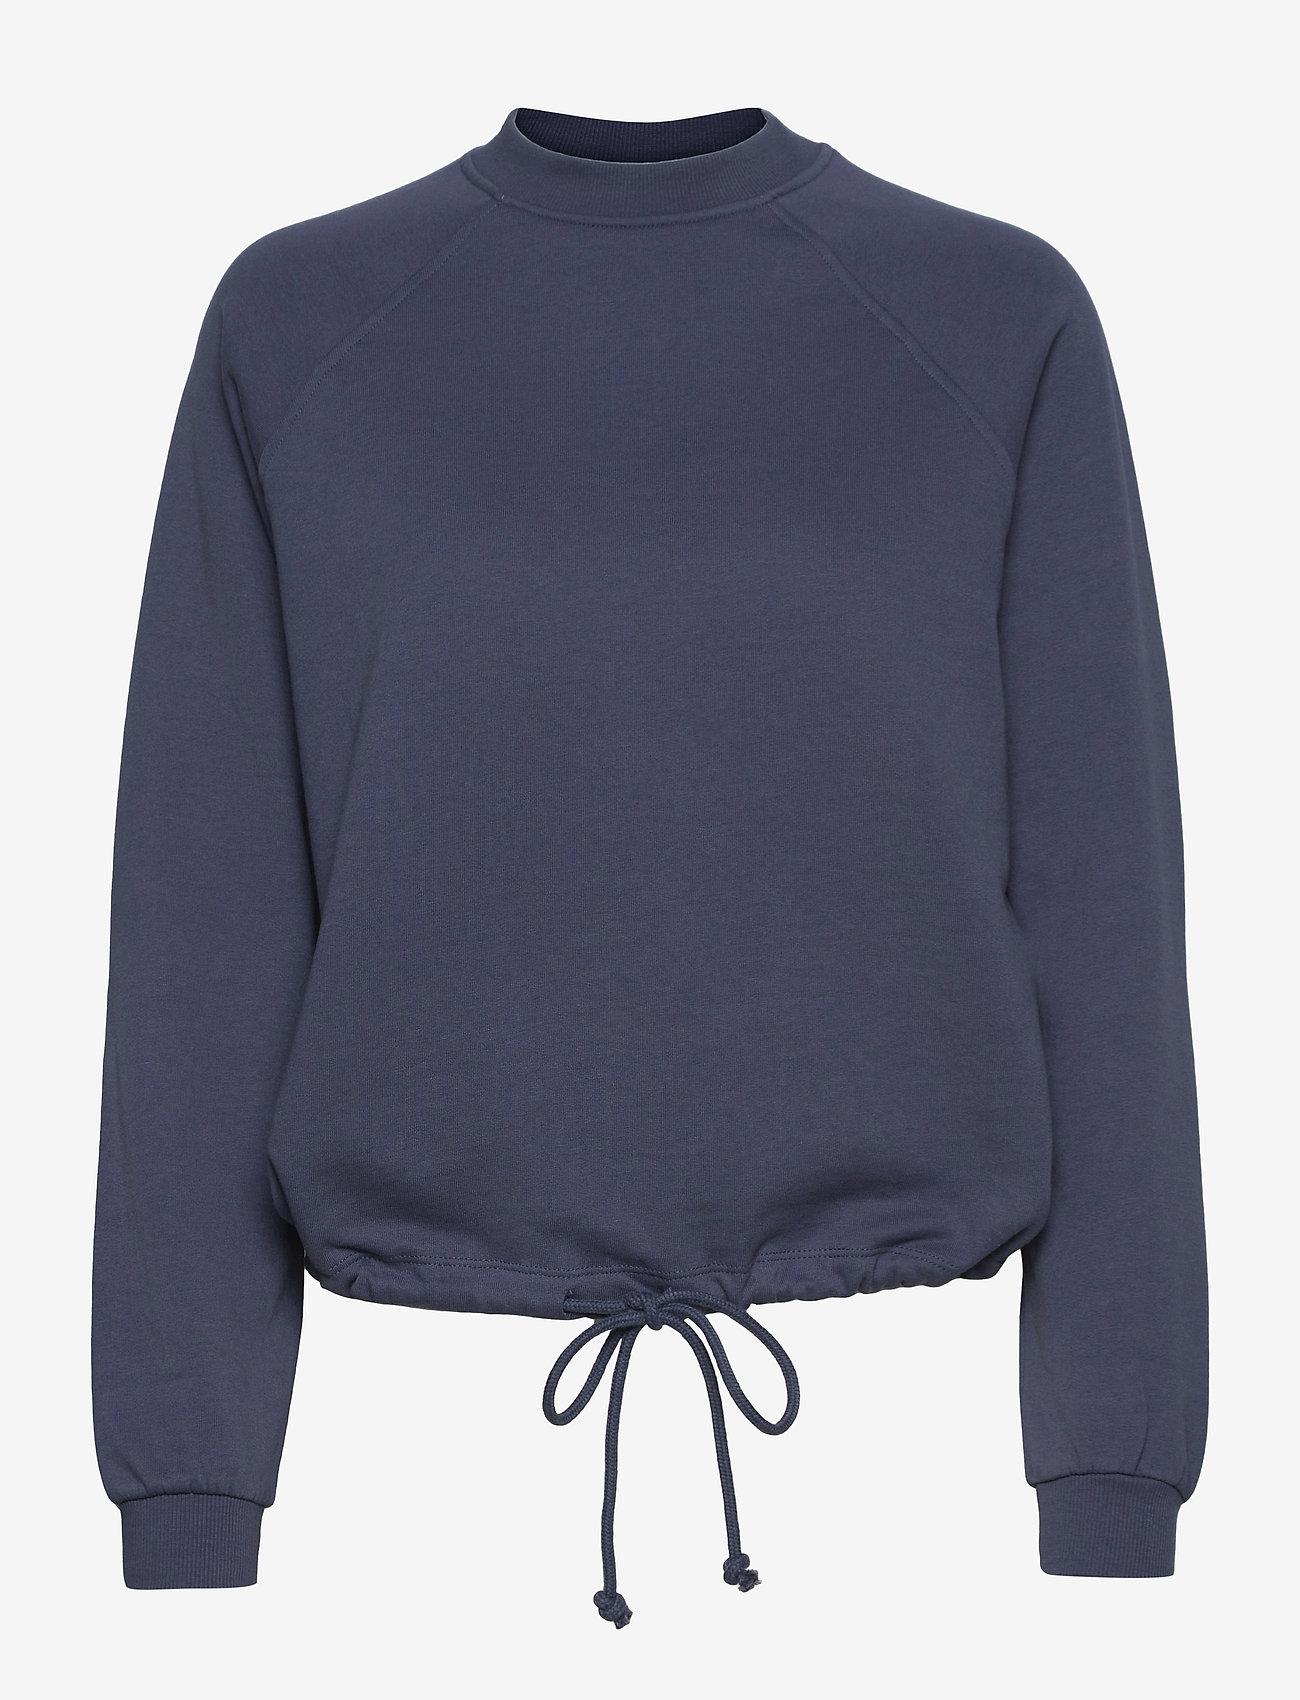 Vero Moda - VMKIRSA LS CREW NECK VMA - sweatshirts & hoodies - vintage indigo - 0